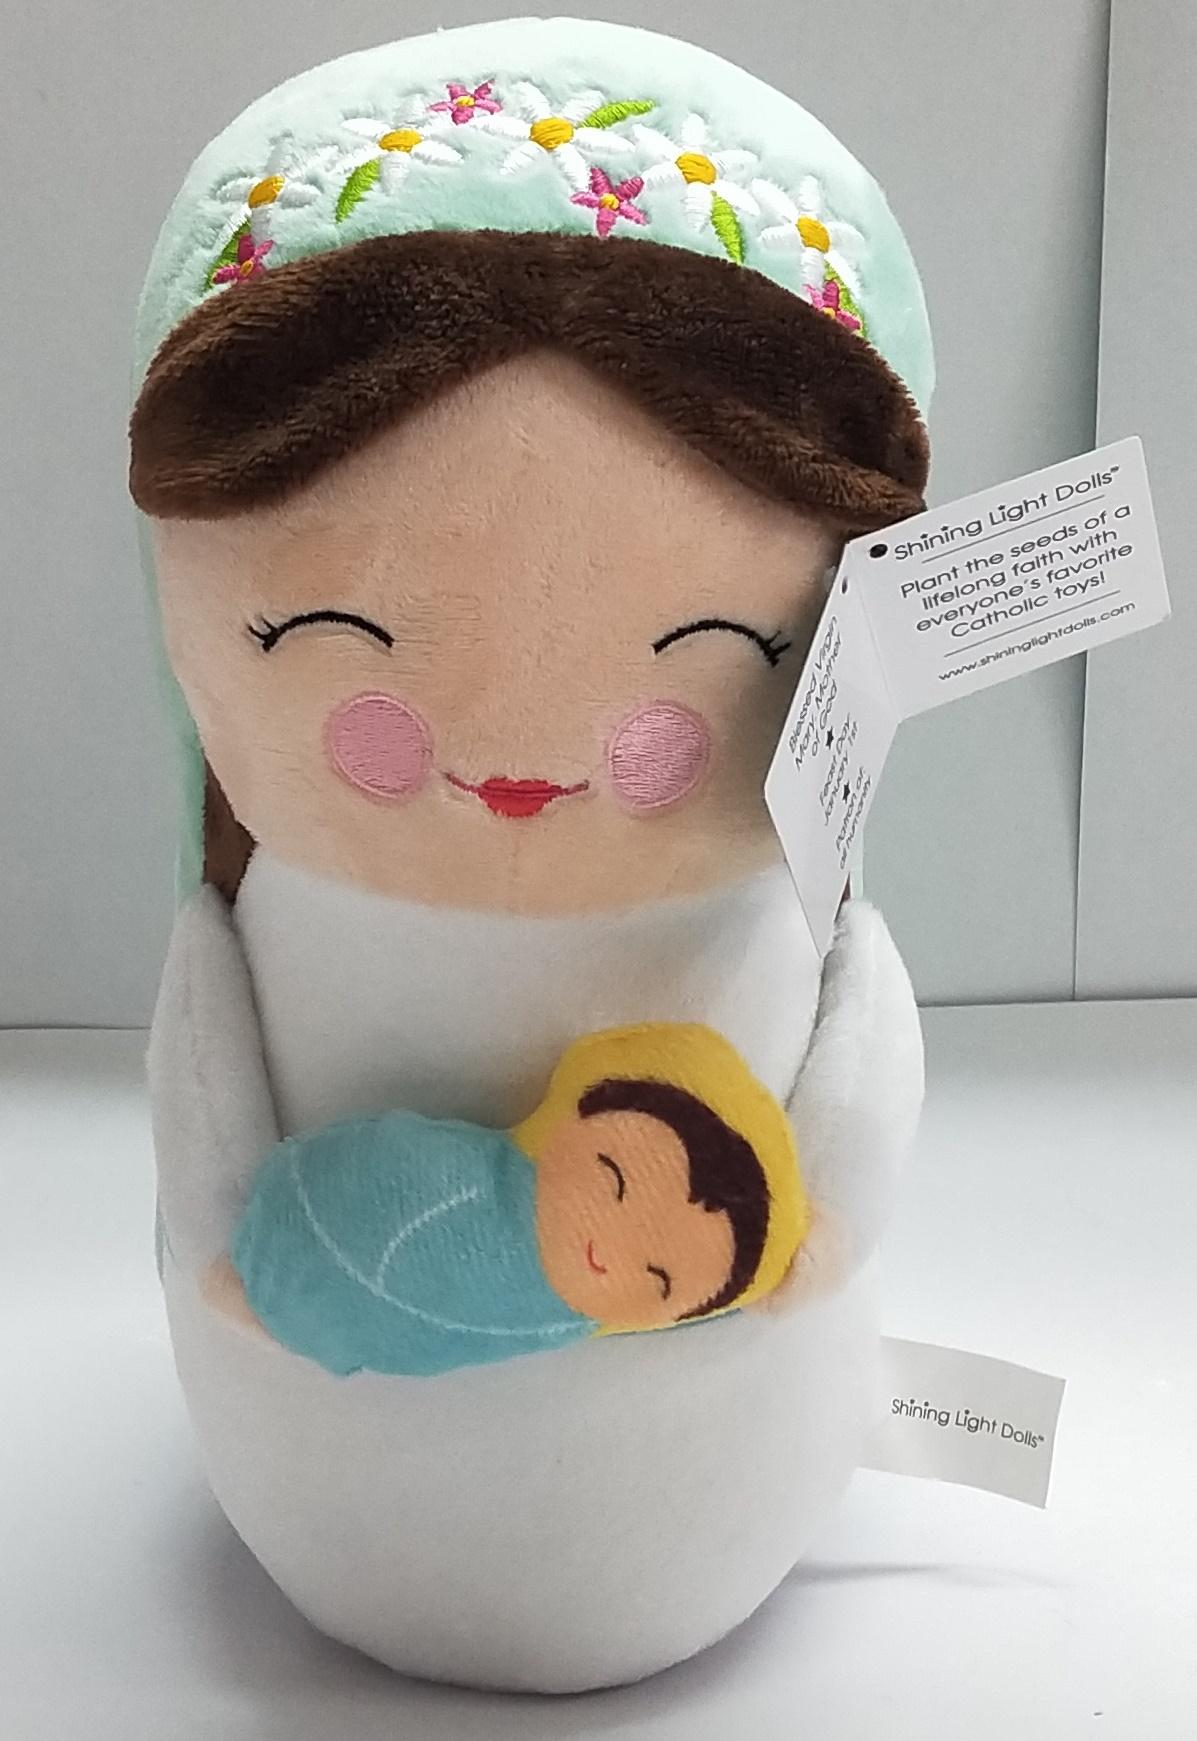 Shining Light Dolls custom plush